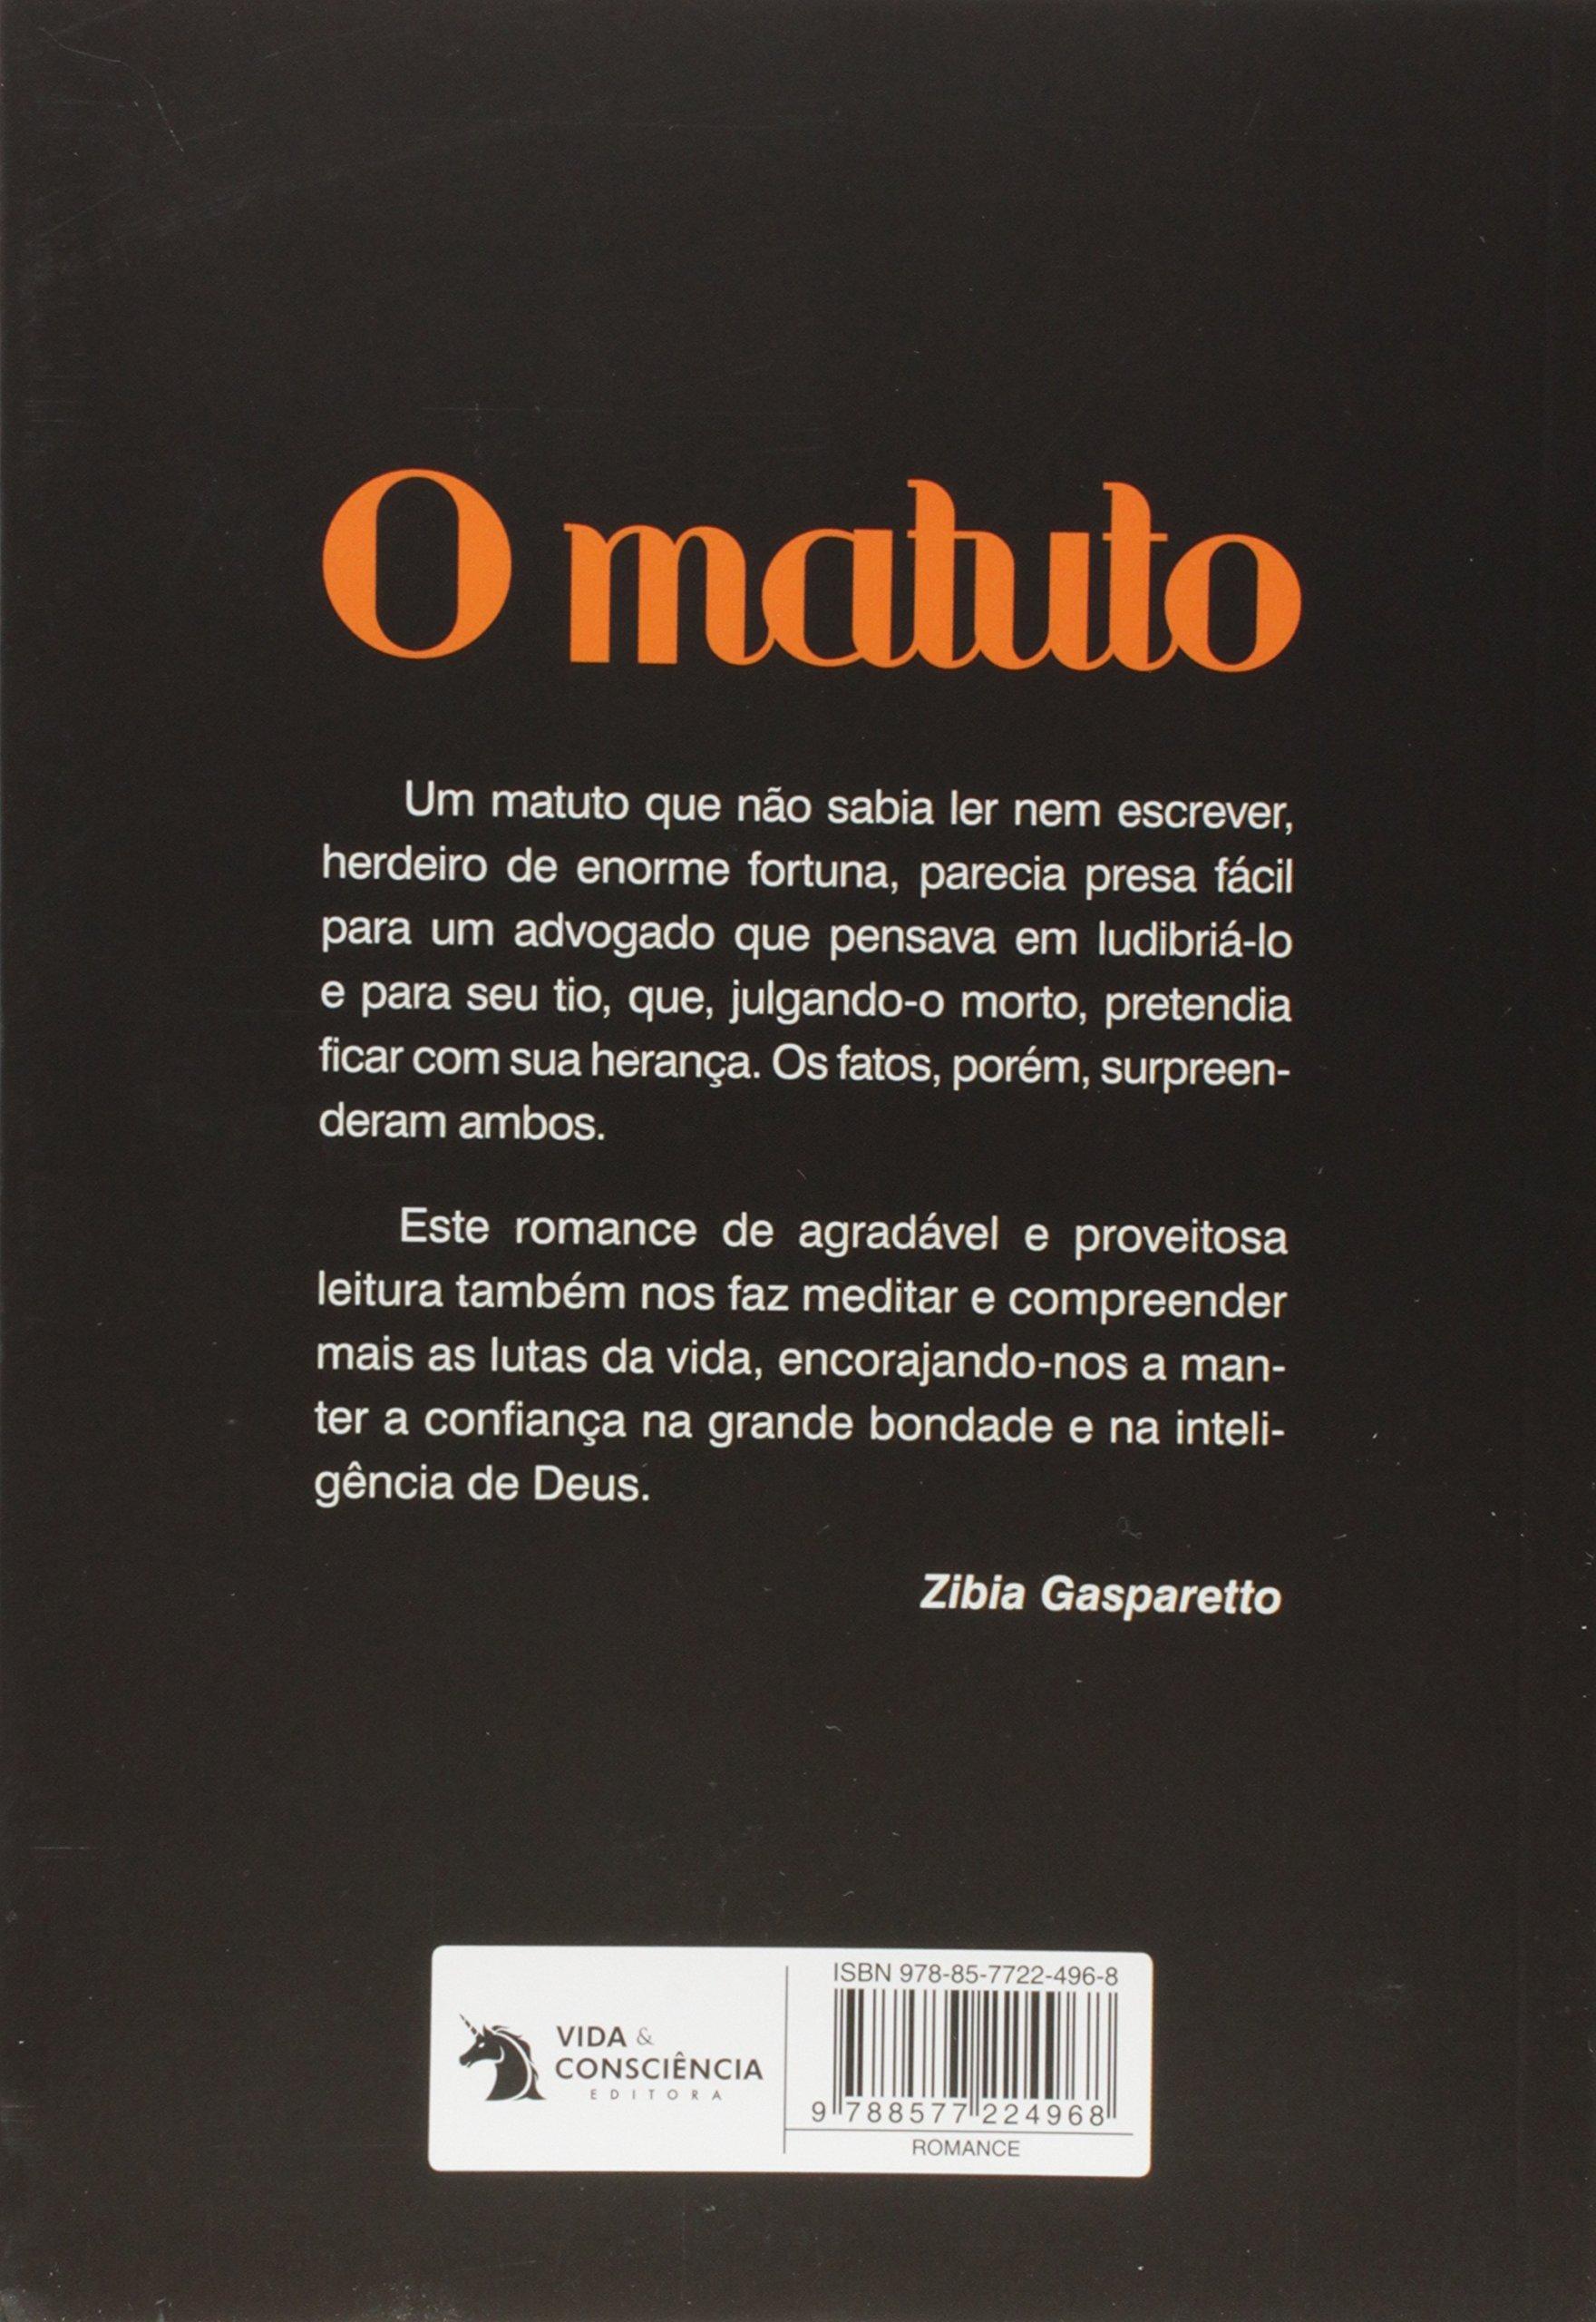 GASPARETTO GRÁTIS DOWNLOAD ZIBIA MATUTO O